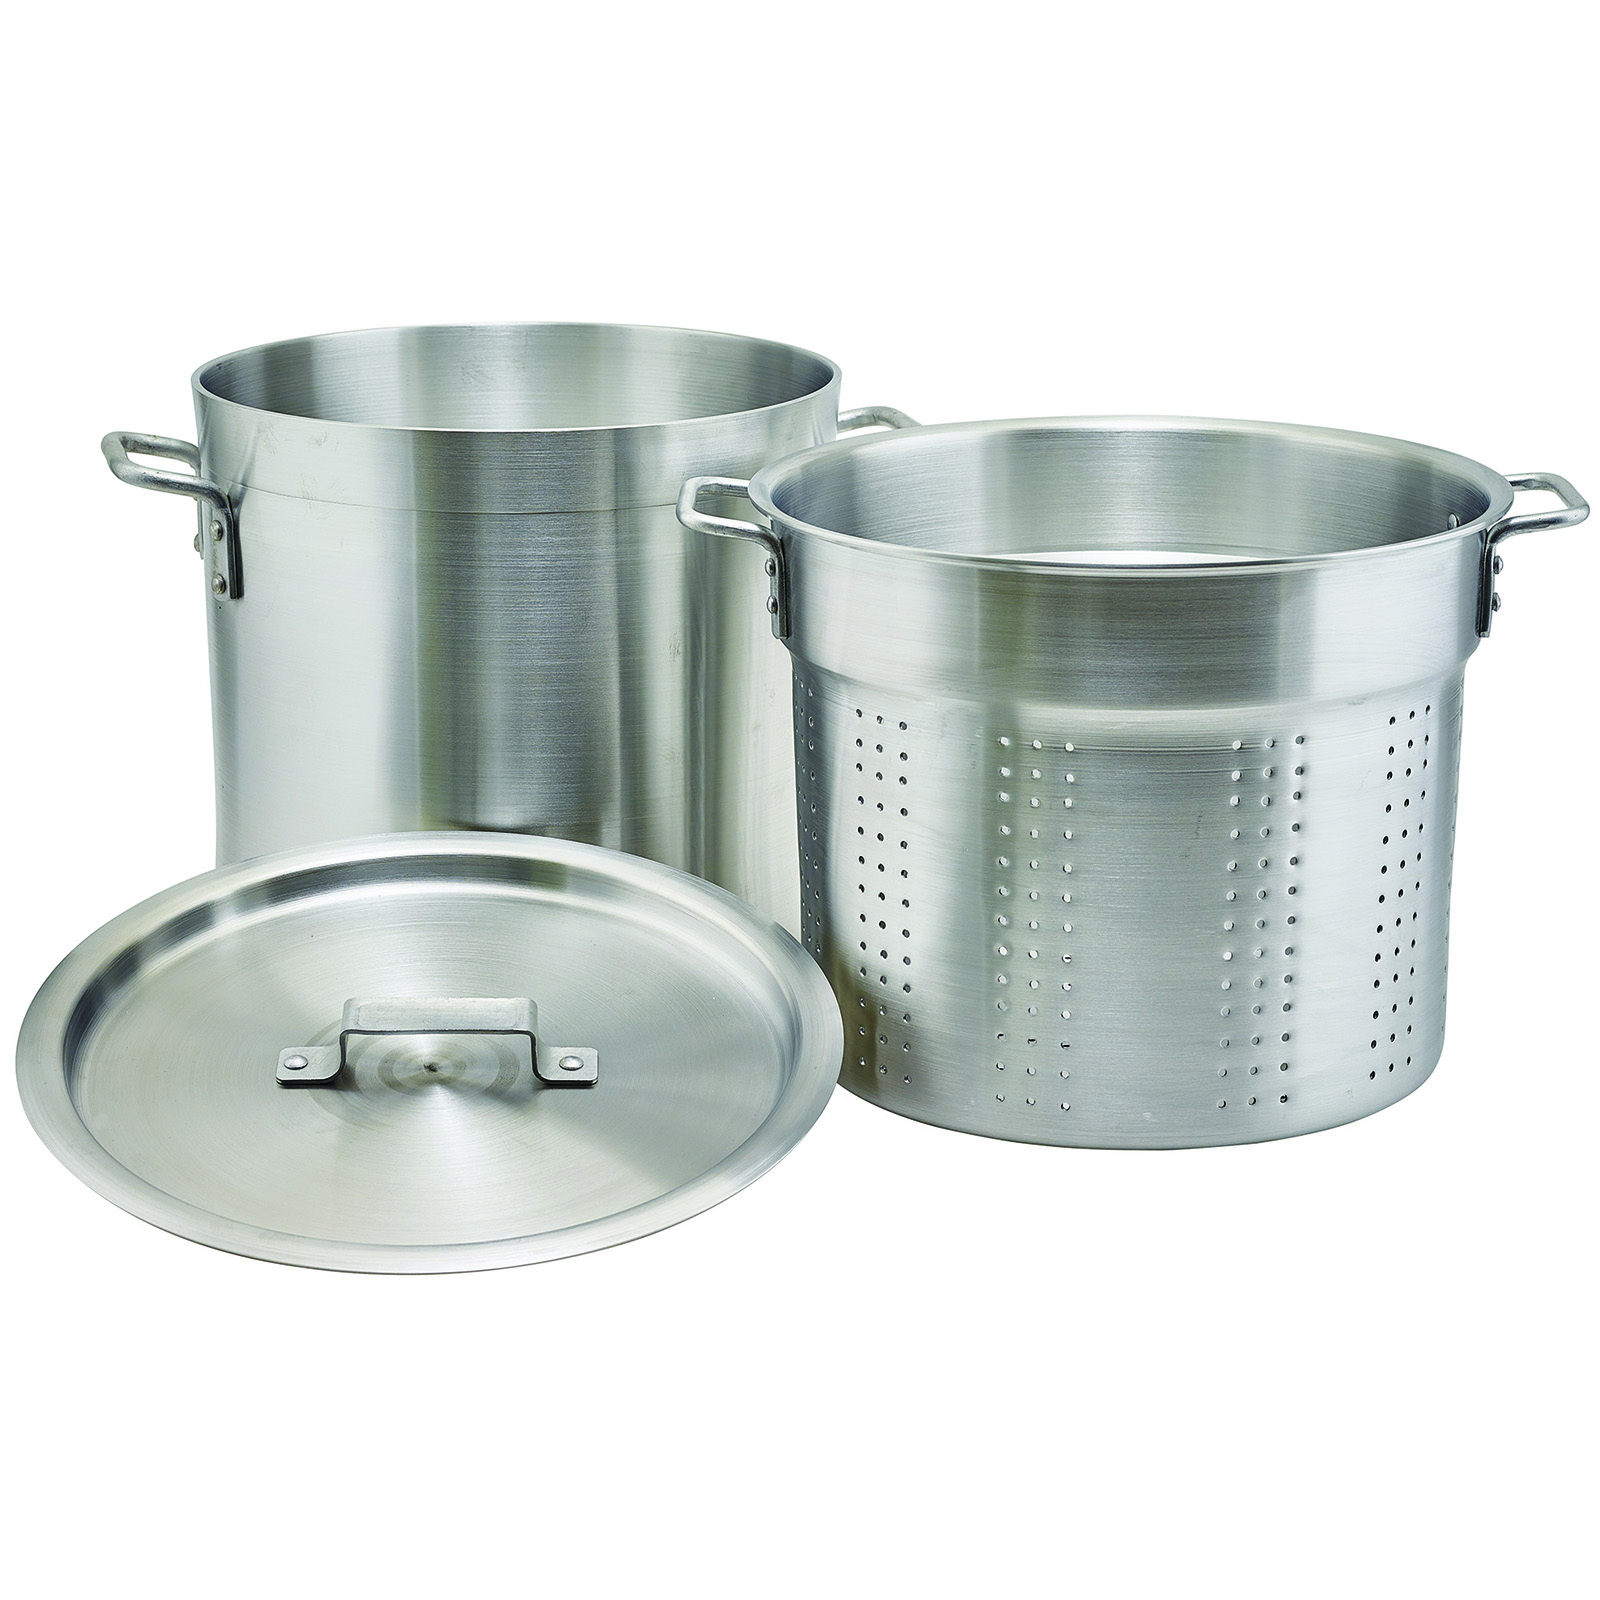 Winco ALDB-8S double boiler